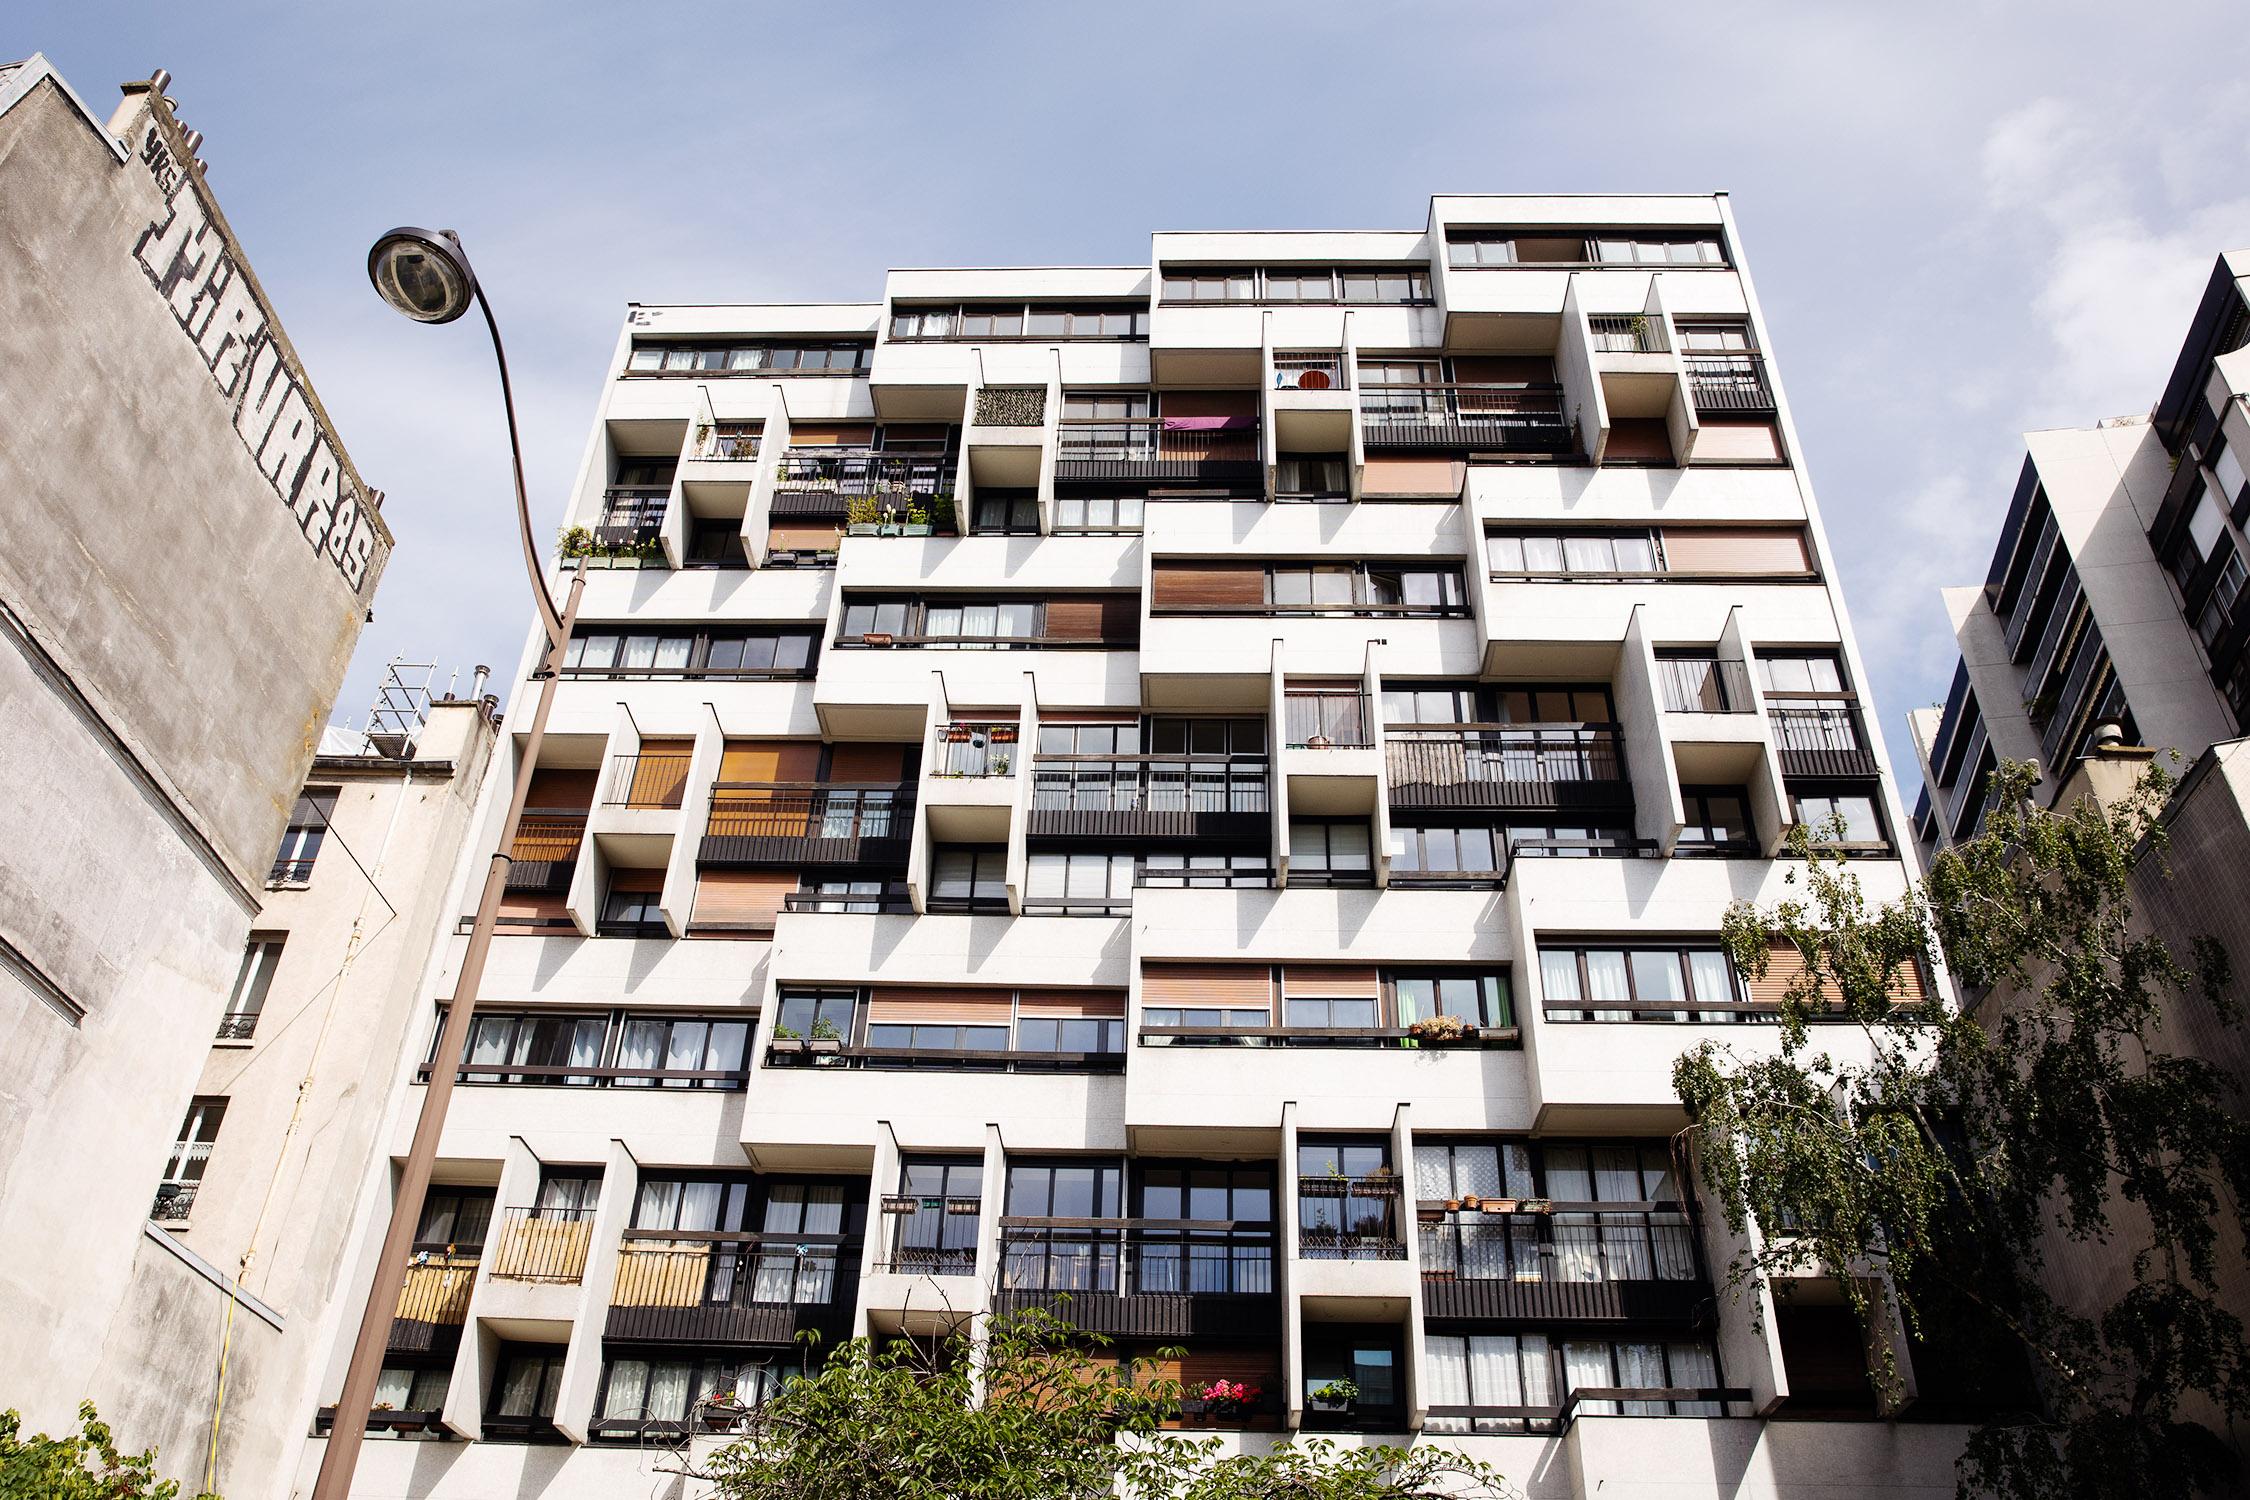 138-140 boulevard Vincent Auriol, 13e - 1972